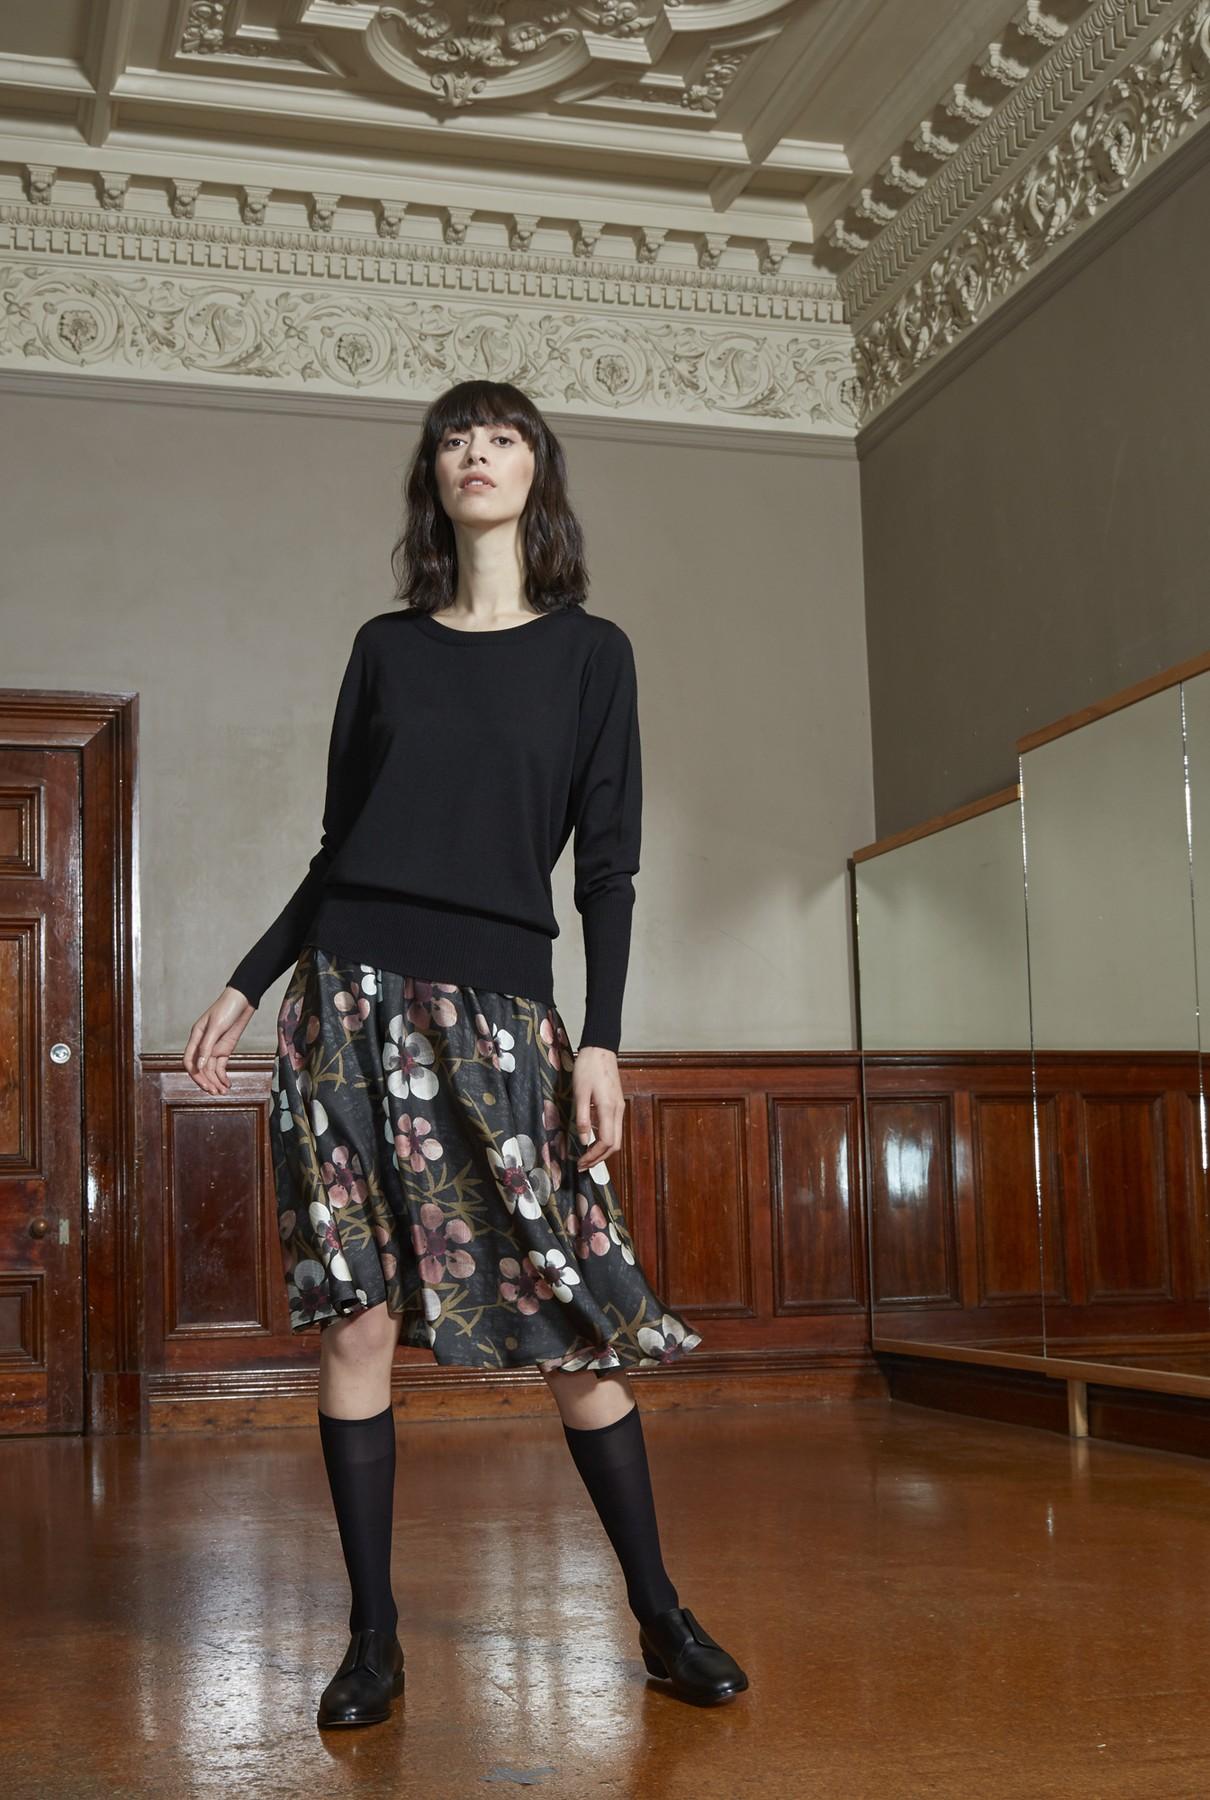 Dancing skirt 5.jpg